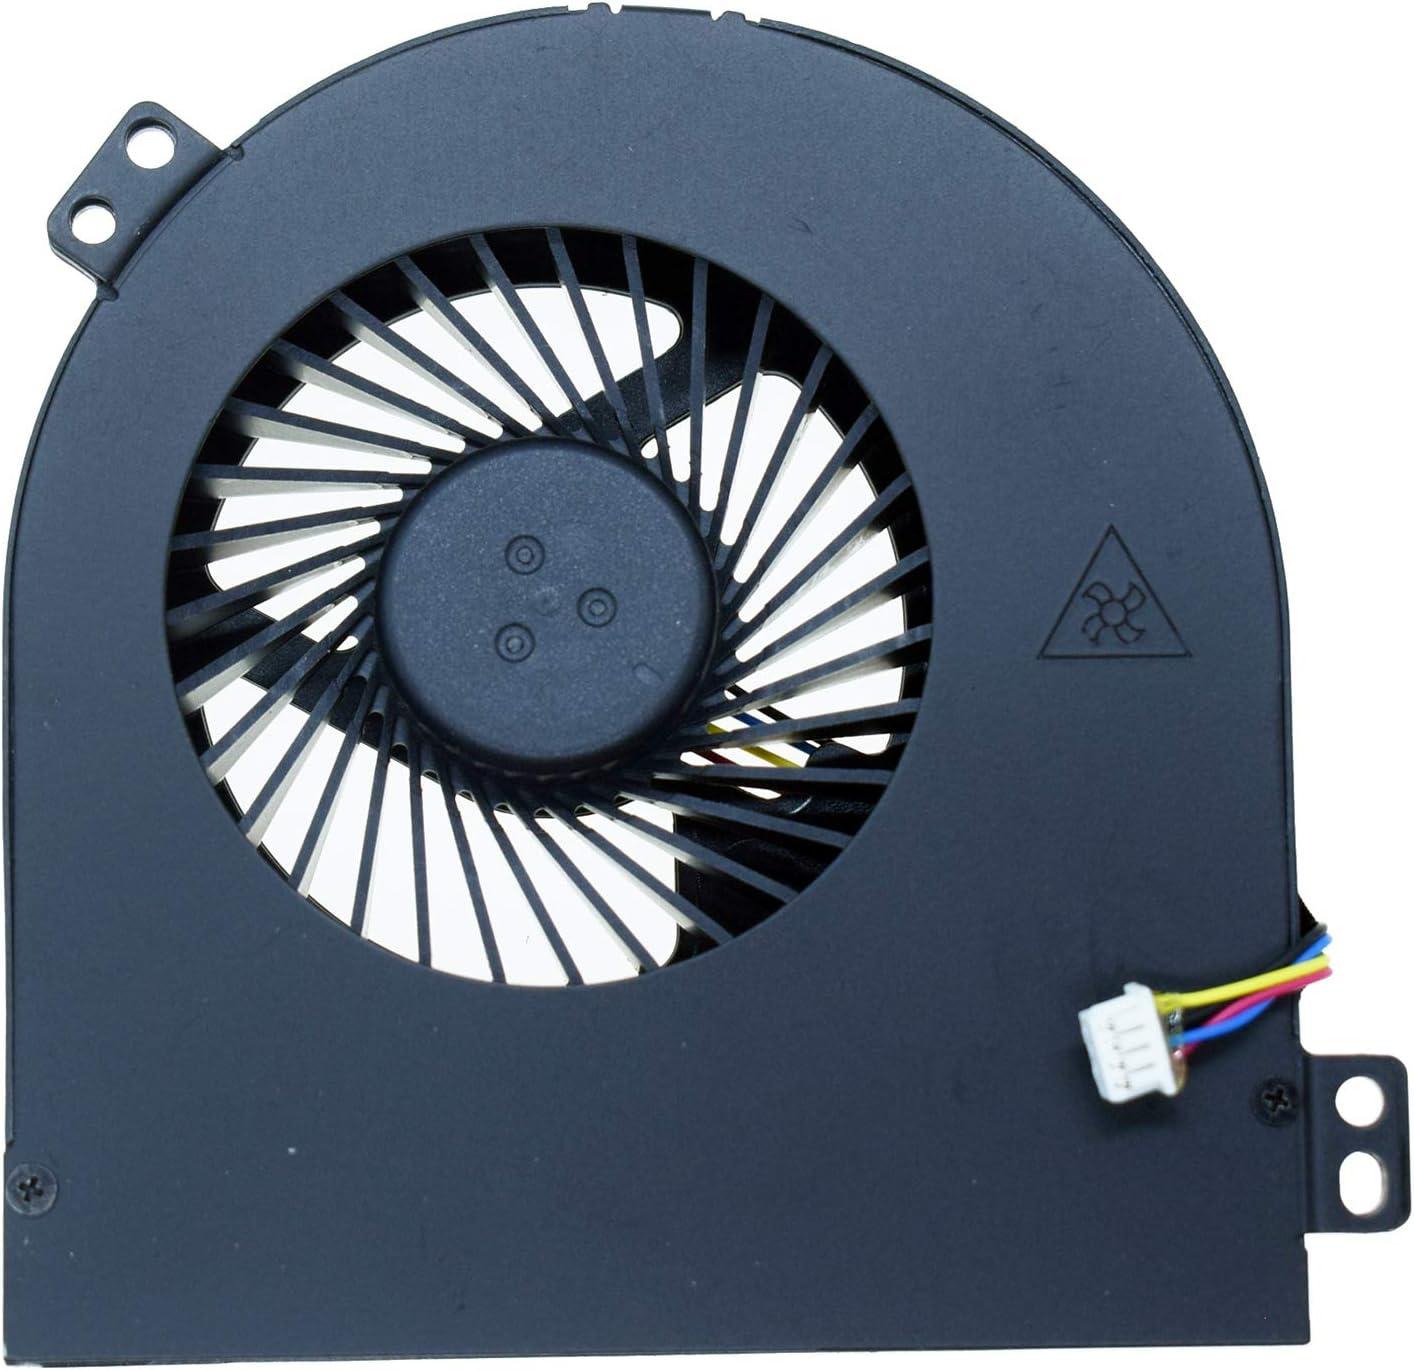 DREZUR GPU Cooling Fan Parts Compatible for Dell Precision M4700 M4800 Series Laptop Cooler 01G40N 1G40N 0CMH49 CMH49 DC28000B3VL DC28000B2S0